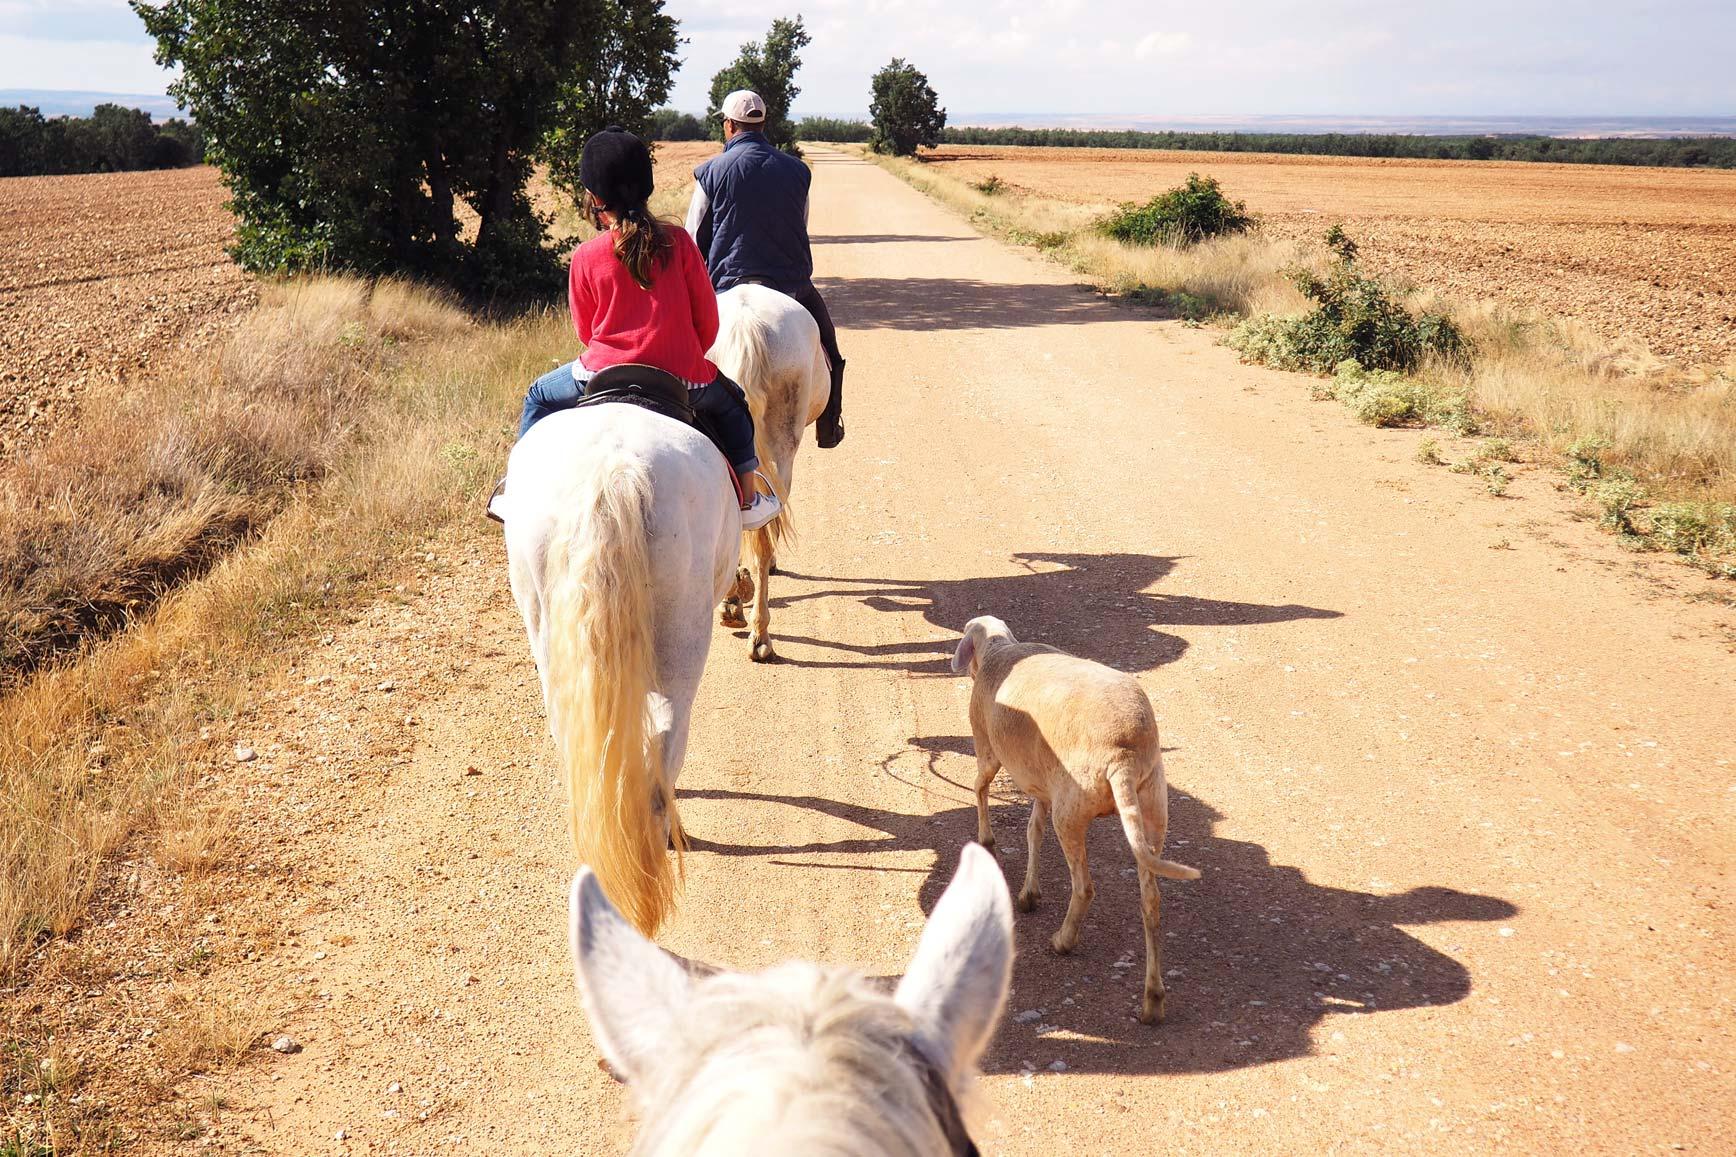 Ruta a Caballo - Caballos La Vereda_claraBmartin_56